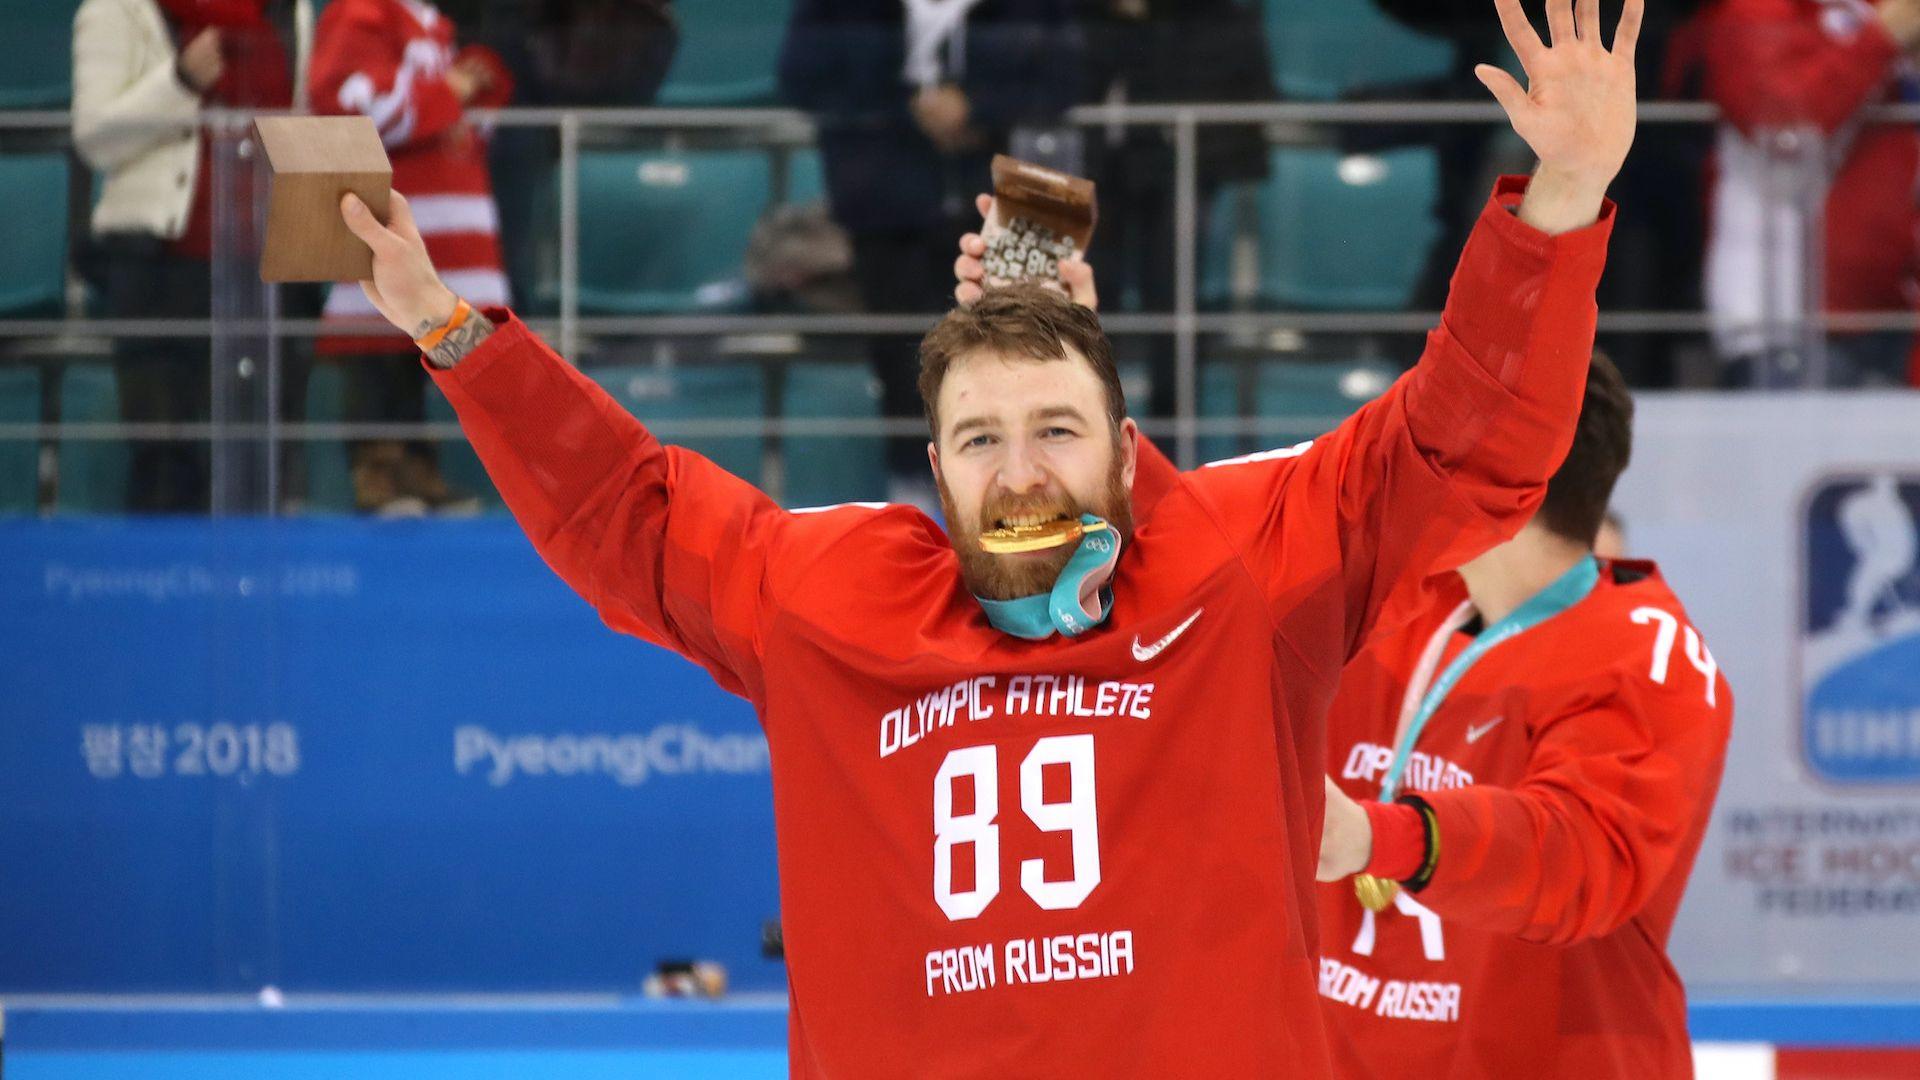 Олимпийски шампион за коронавируса: Имам кашон с водка, готов съм